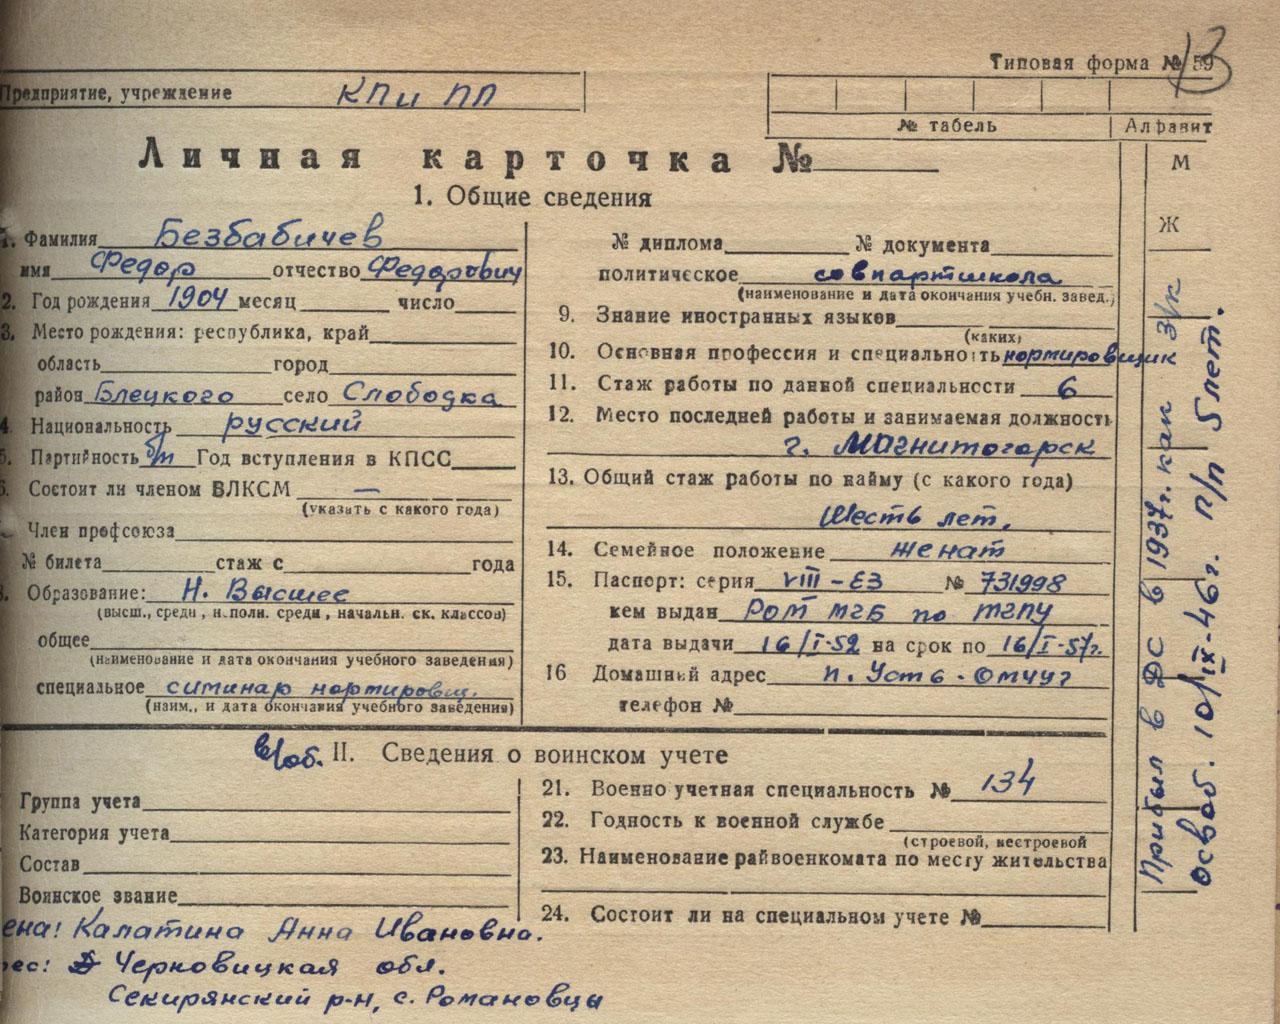 Личная карточка Безбабичева Ф.Ф..